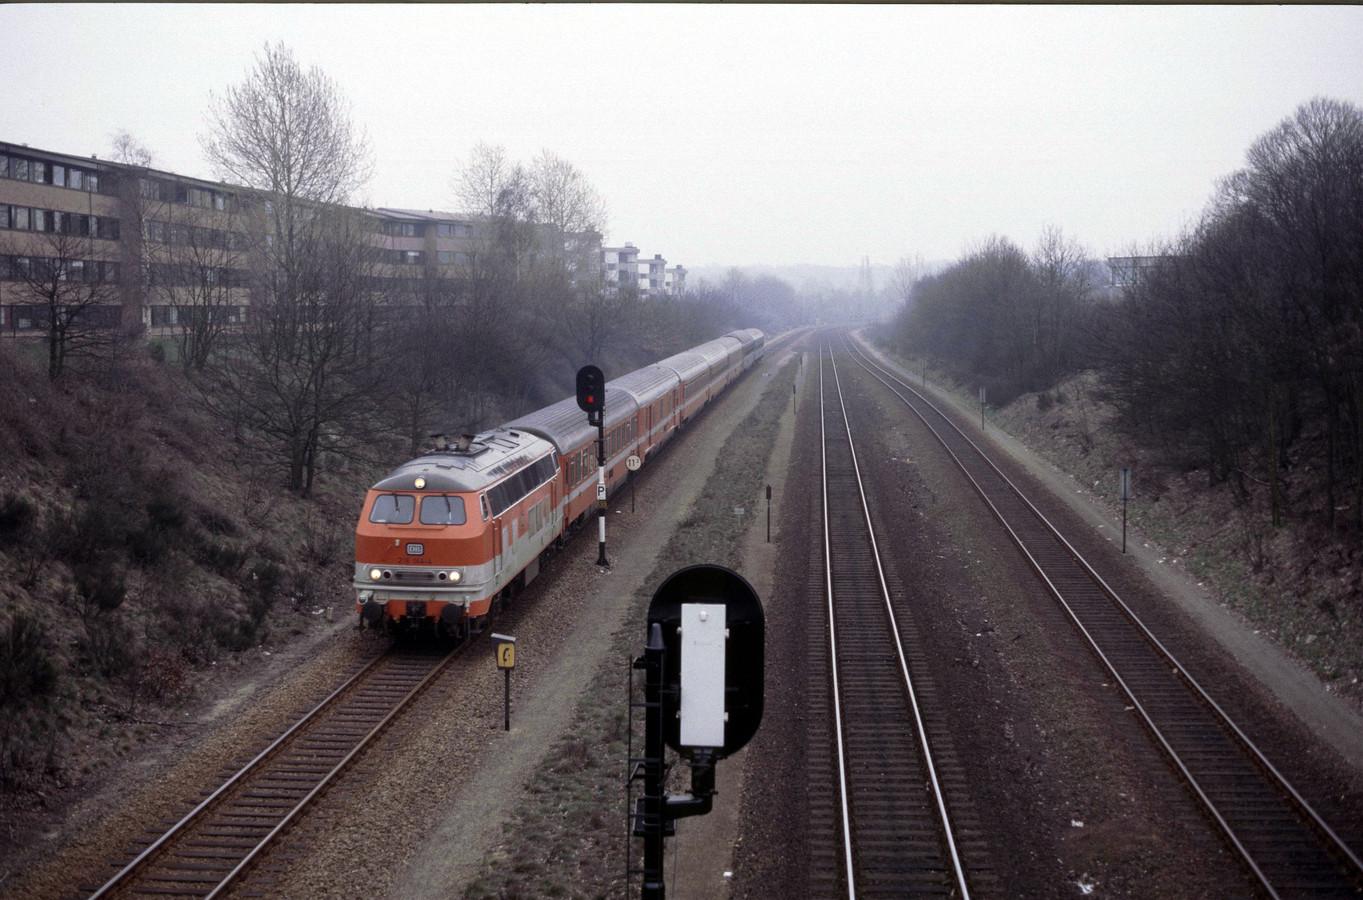 De Austria Express vanuit Wenen dendert in februari 1987 langs het Nijmeegse studentencomplex Hoogeveldt.